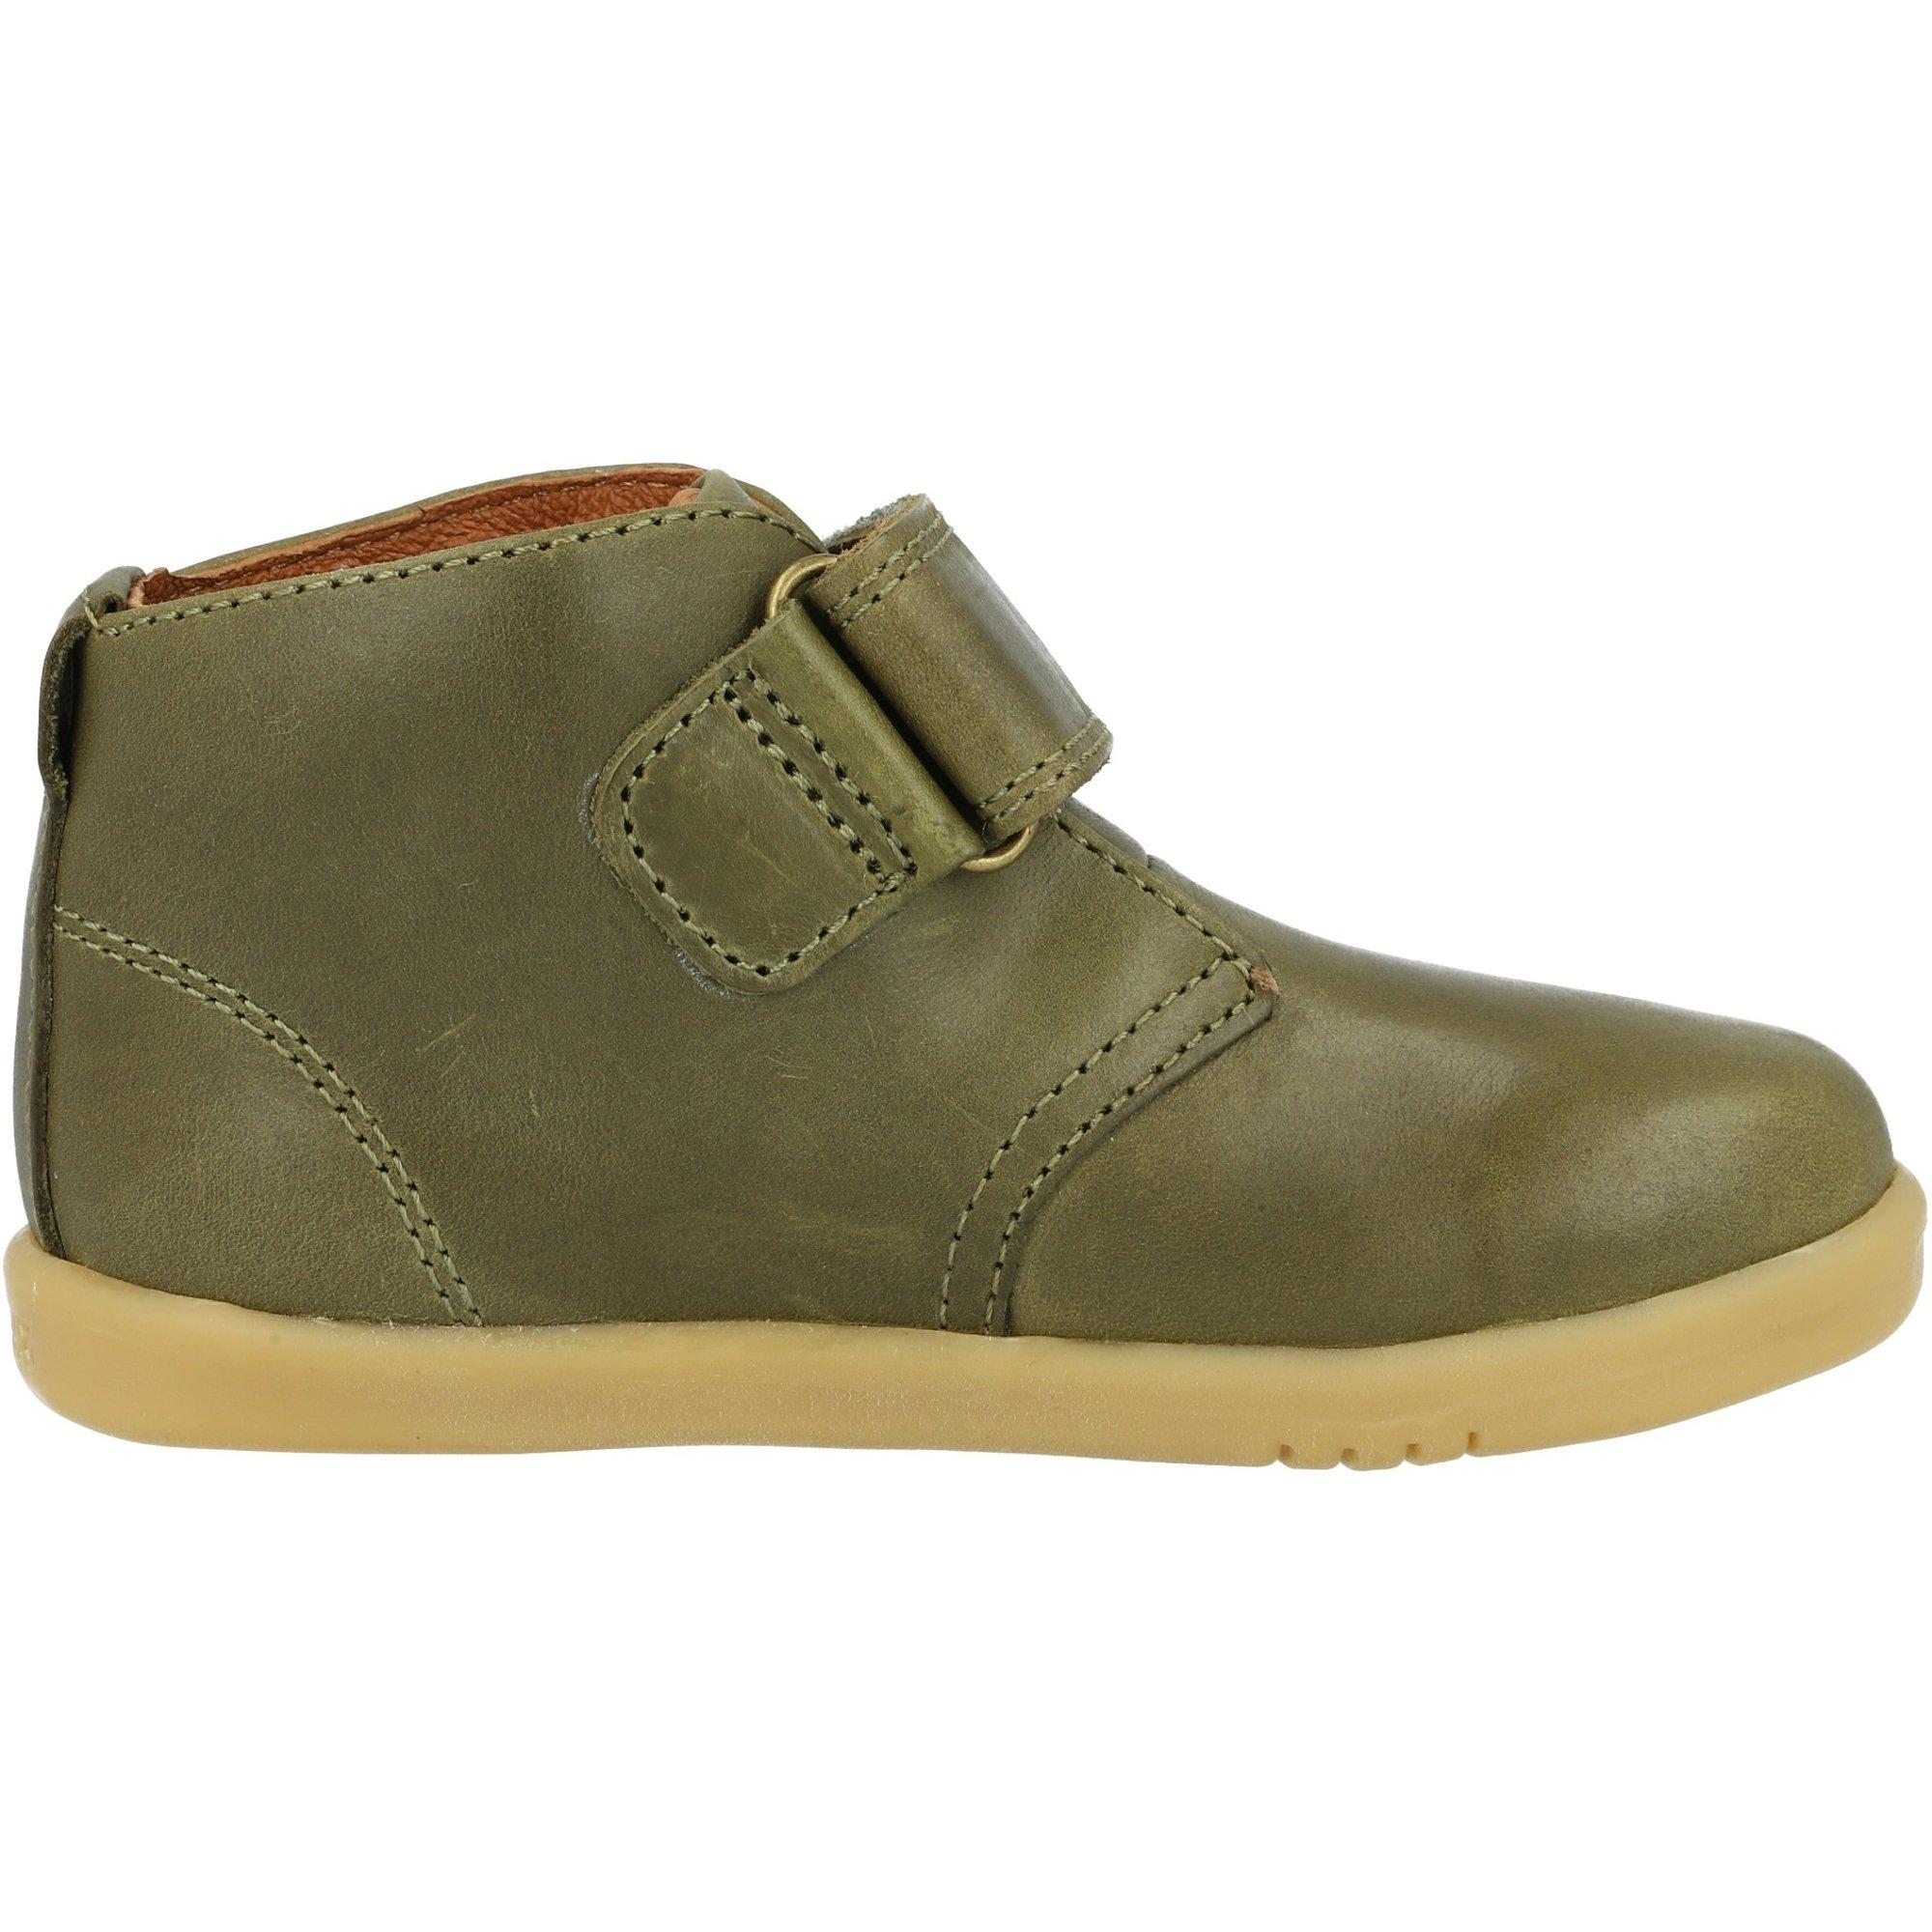 Bobux i-Walk Desert Olive Leather